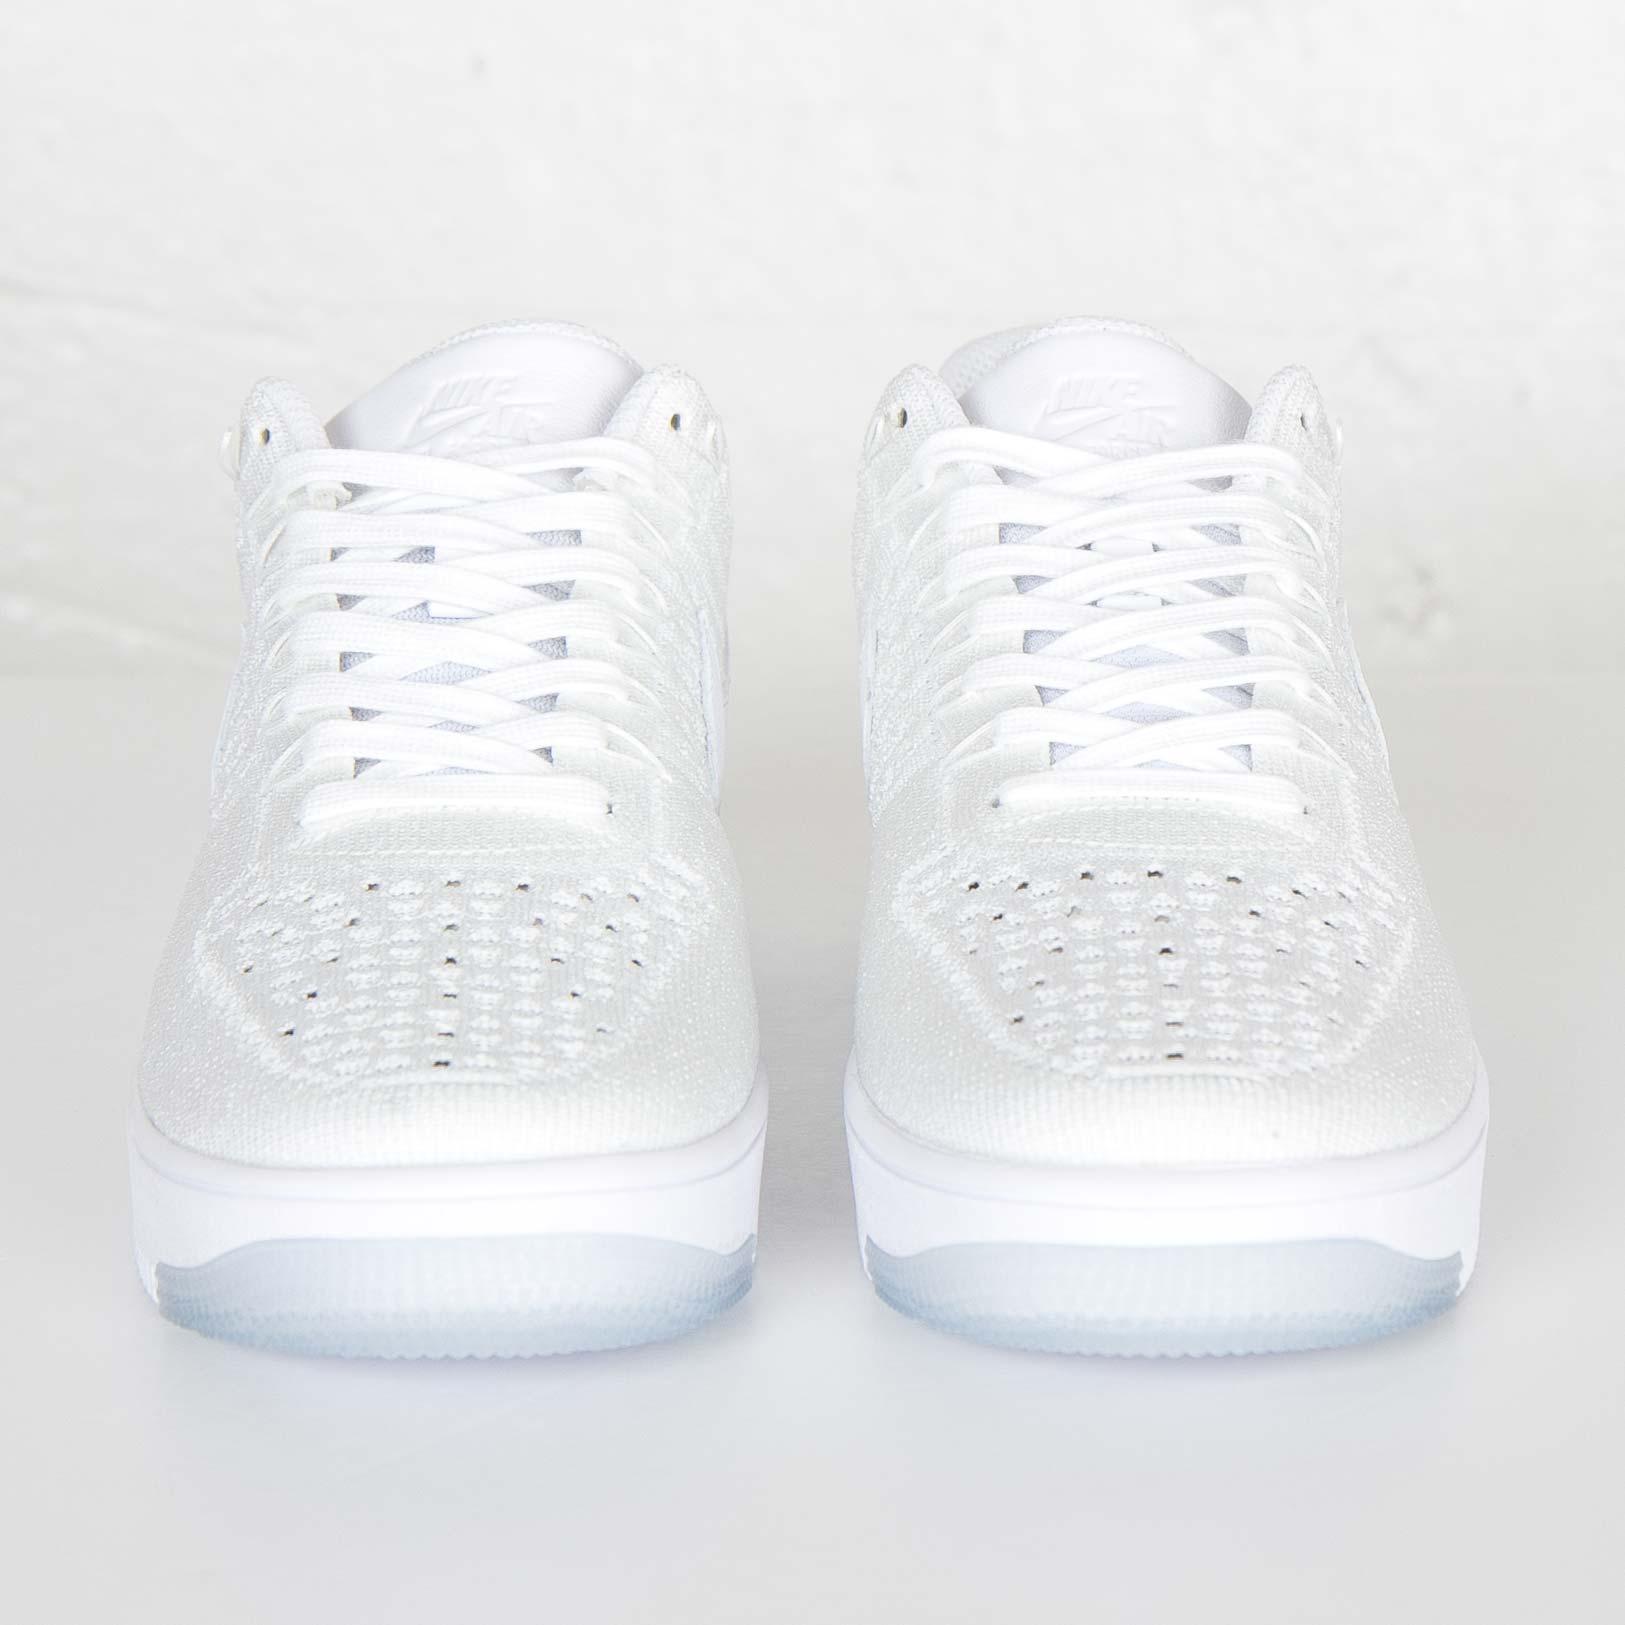 official photos 647aa 5ed9e Nike AF1 Ultra Flyknit Low - 817419-100 - Sneakersnstuff   sneakers    streetwear online since 1999